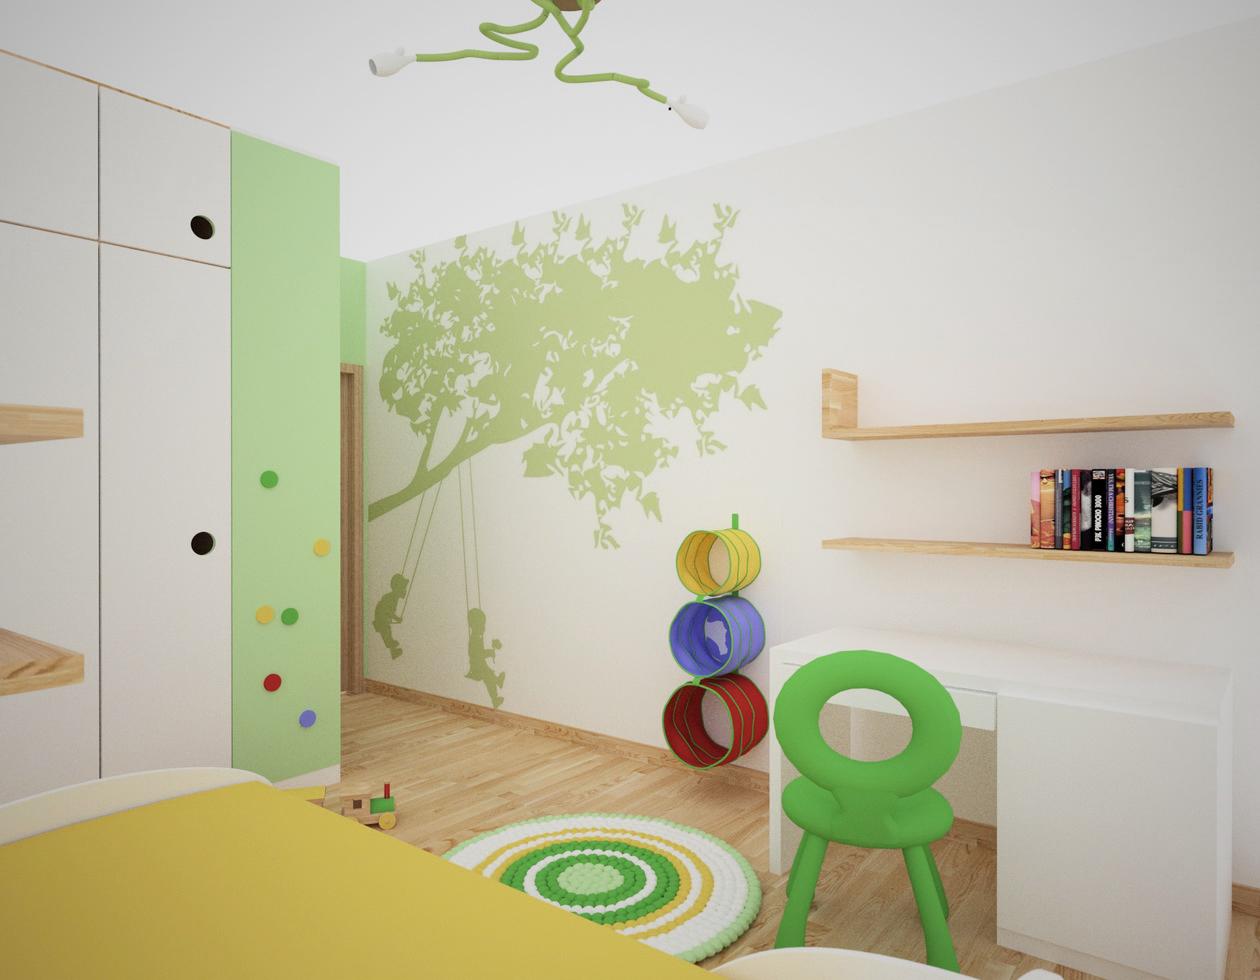 projek pokoju dla dziecka